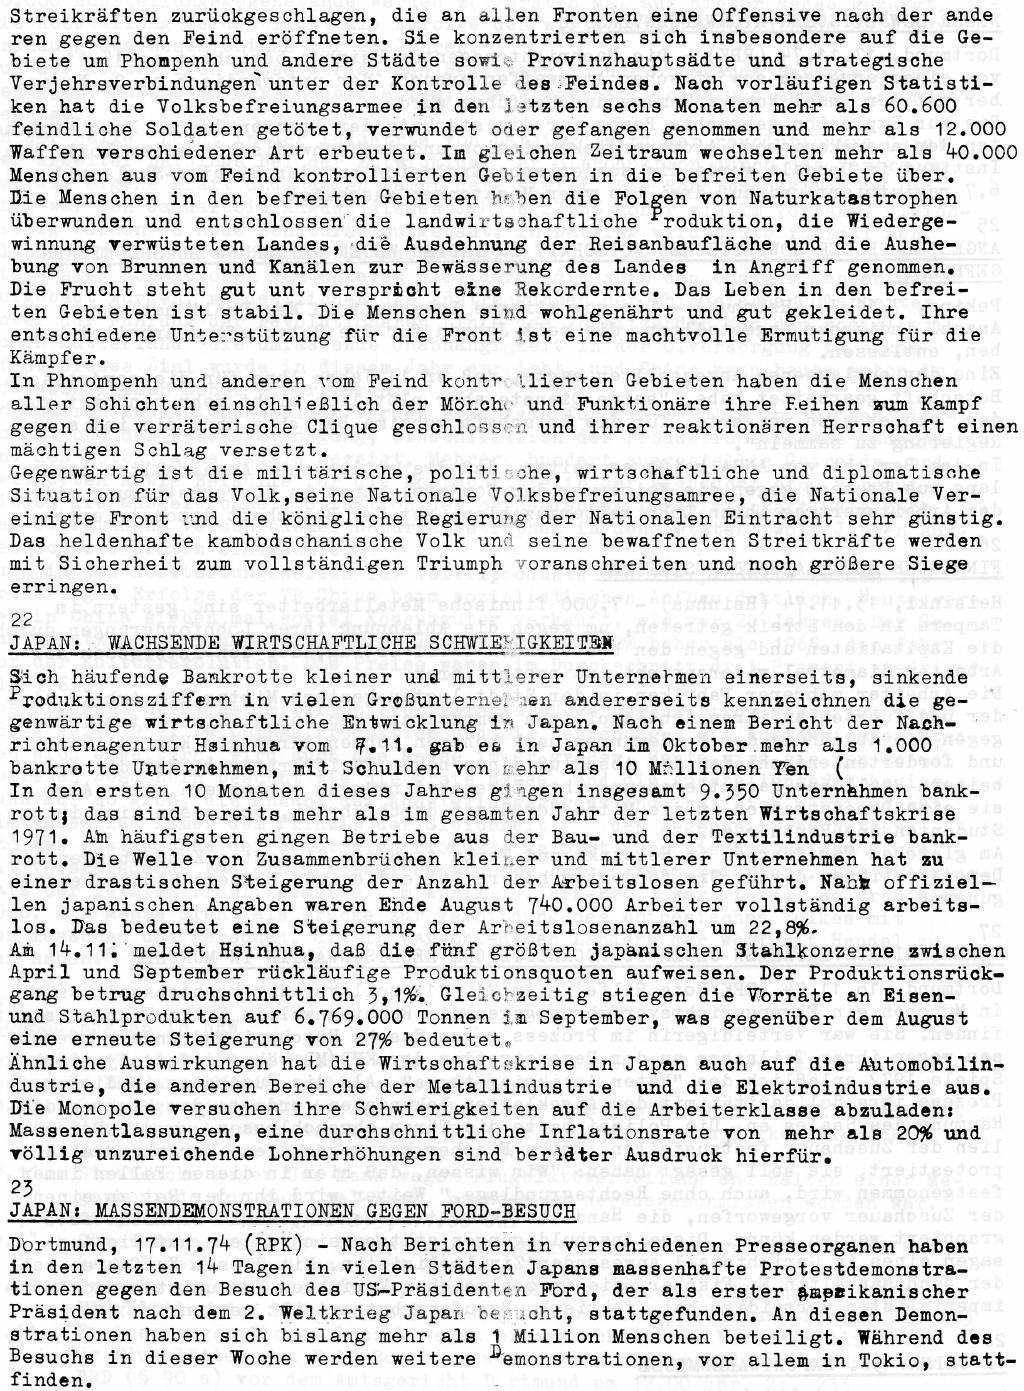 RPK_Pressedienst_1974_02_09